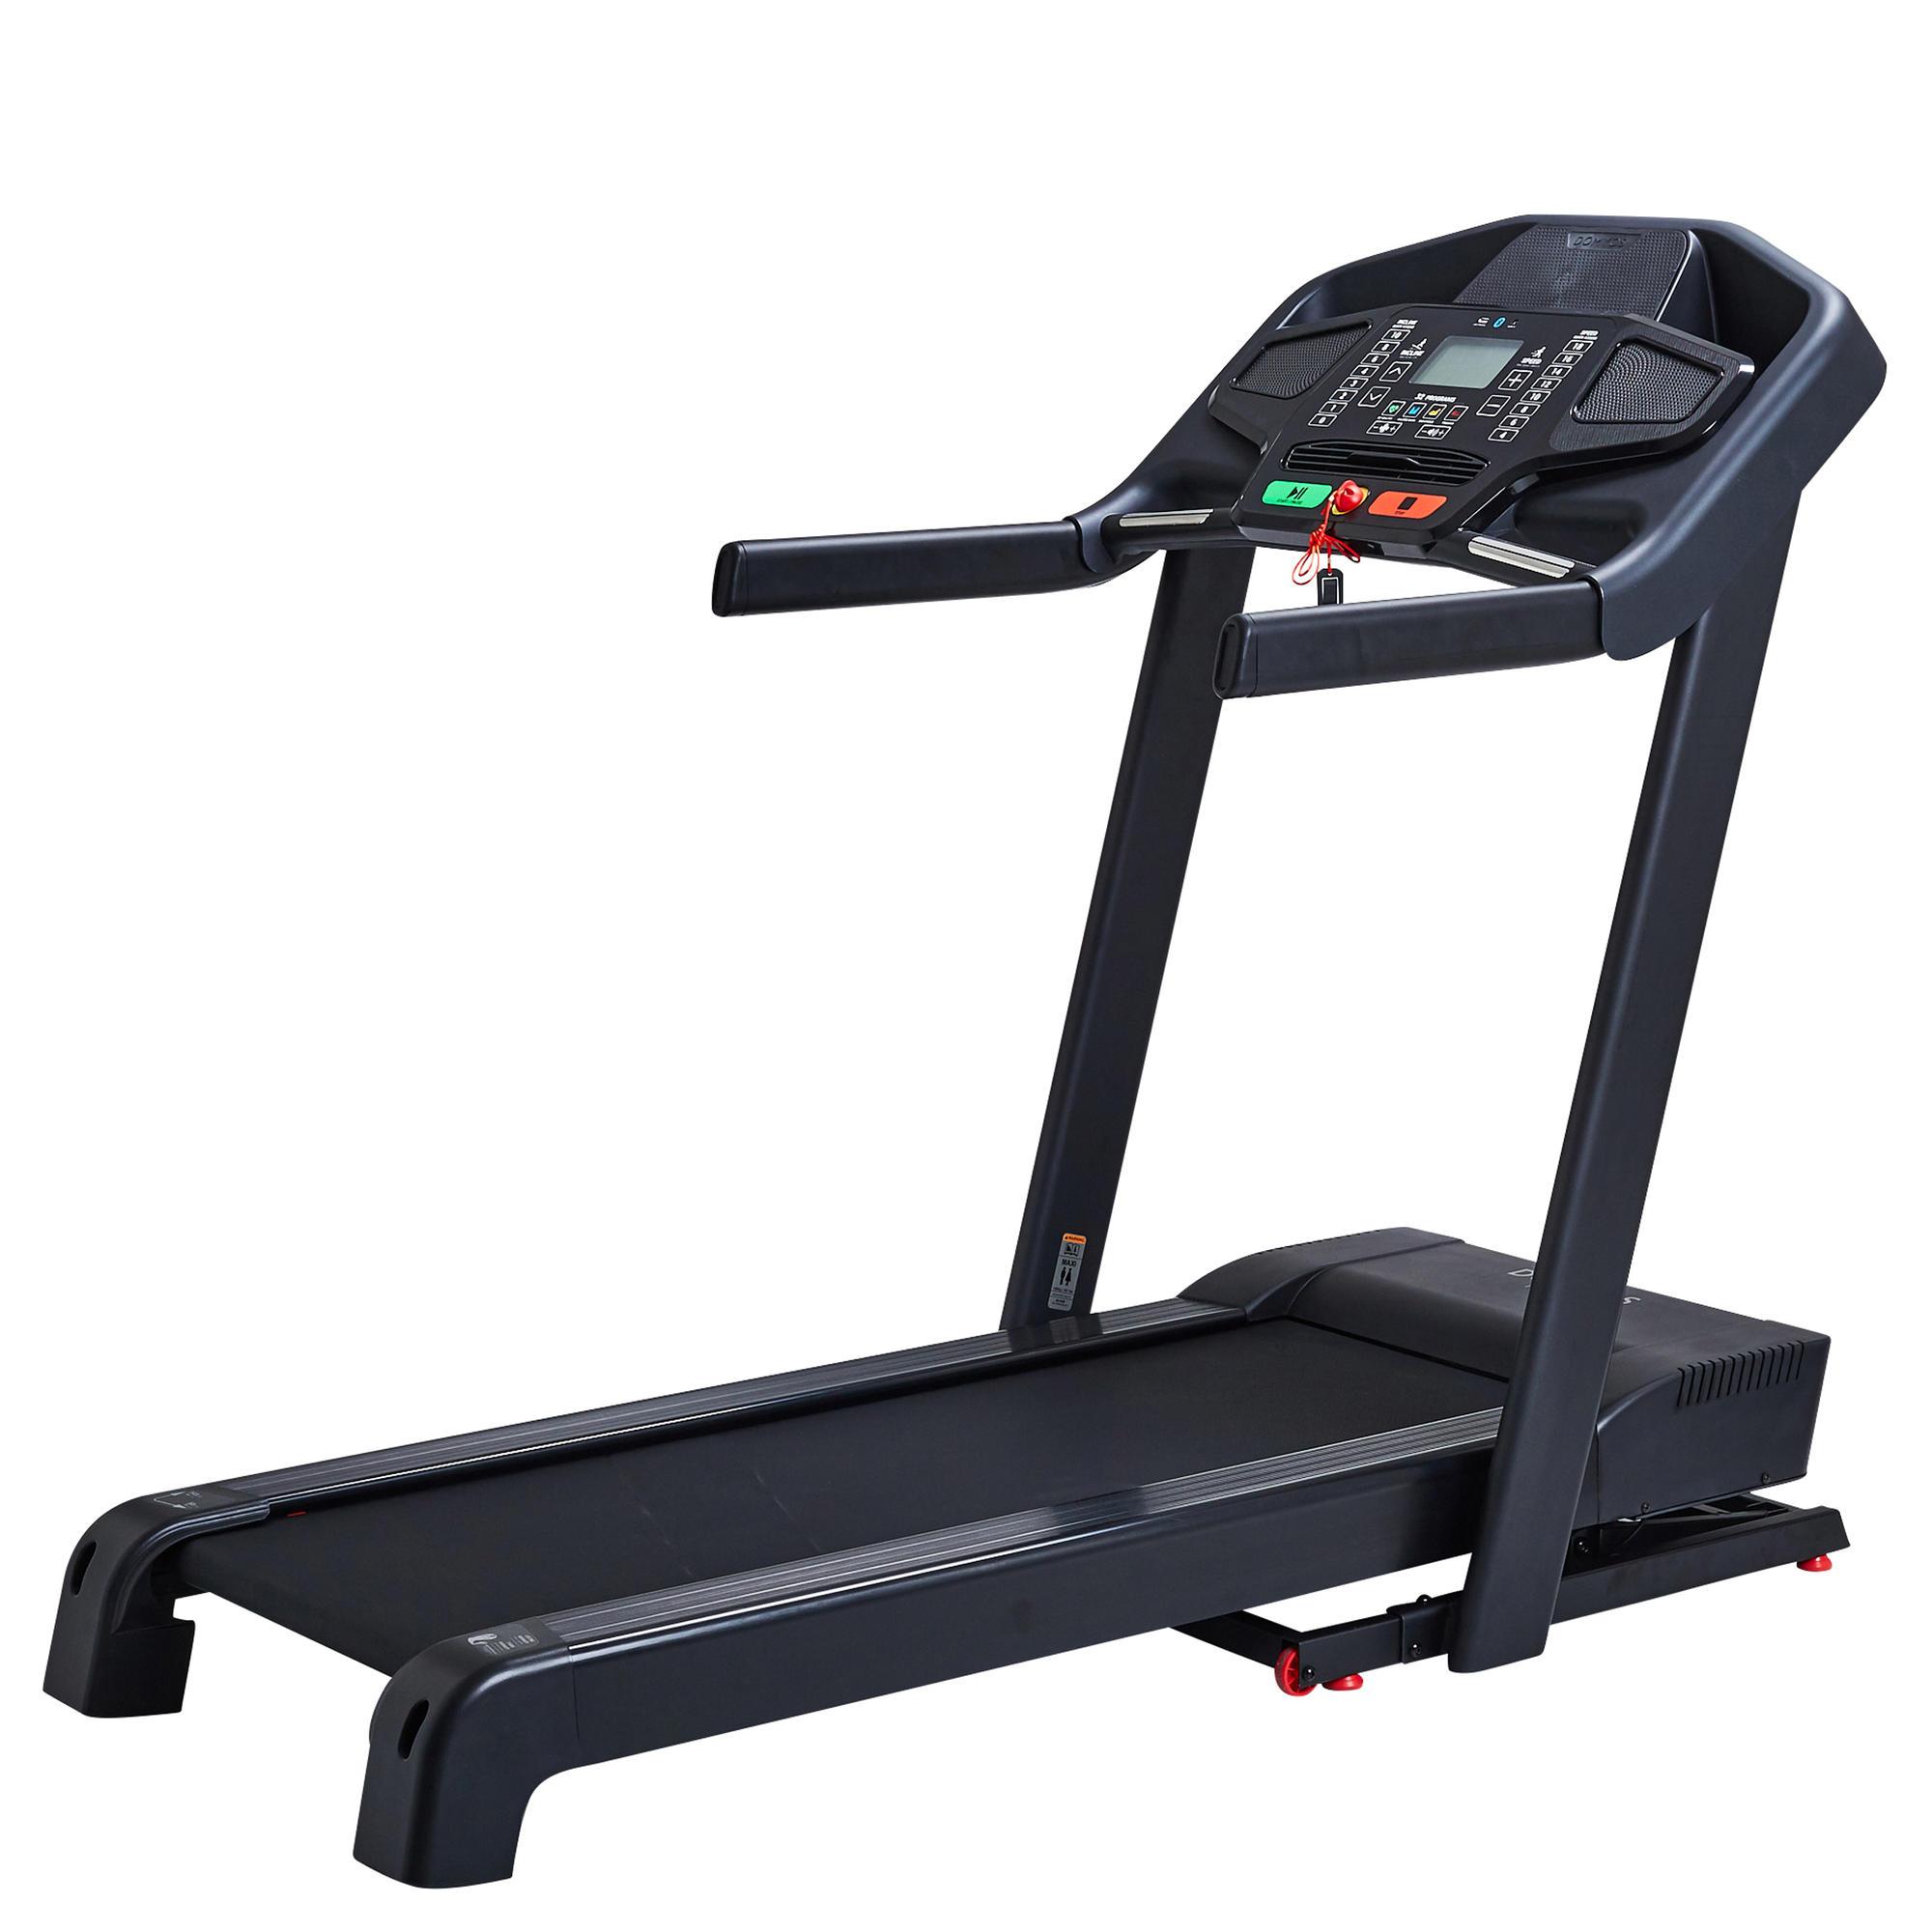 t900b treadmill domyos by decathlon